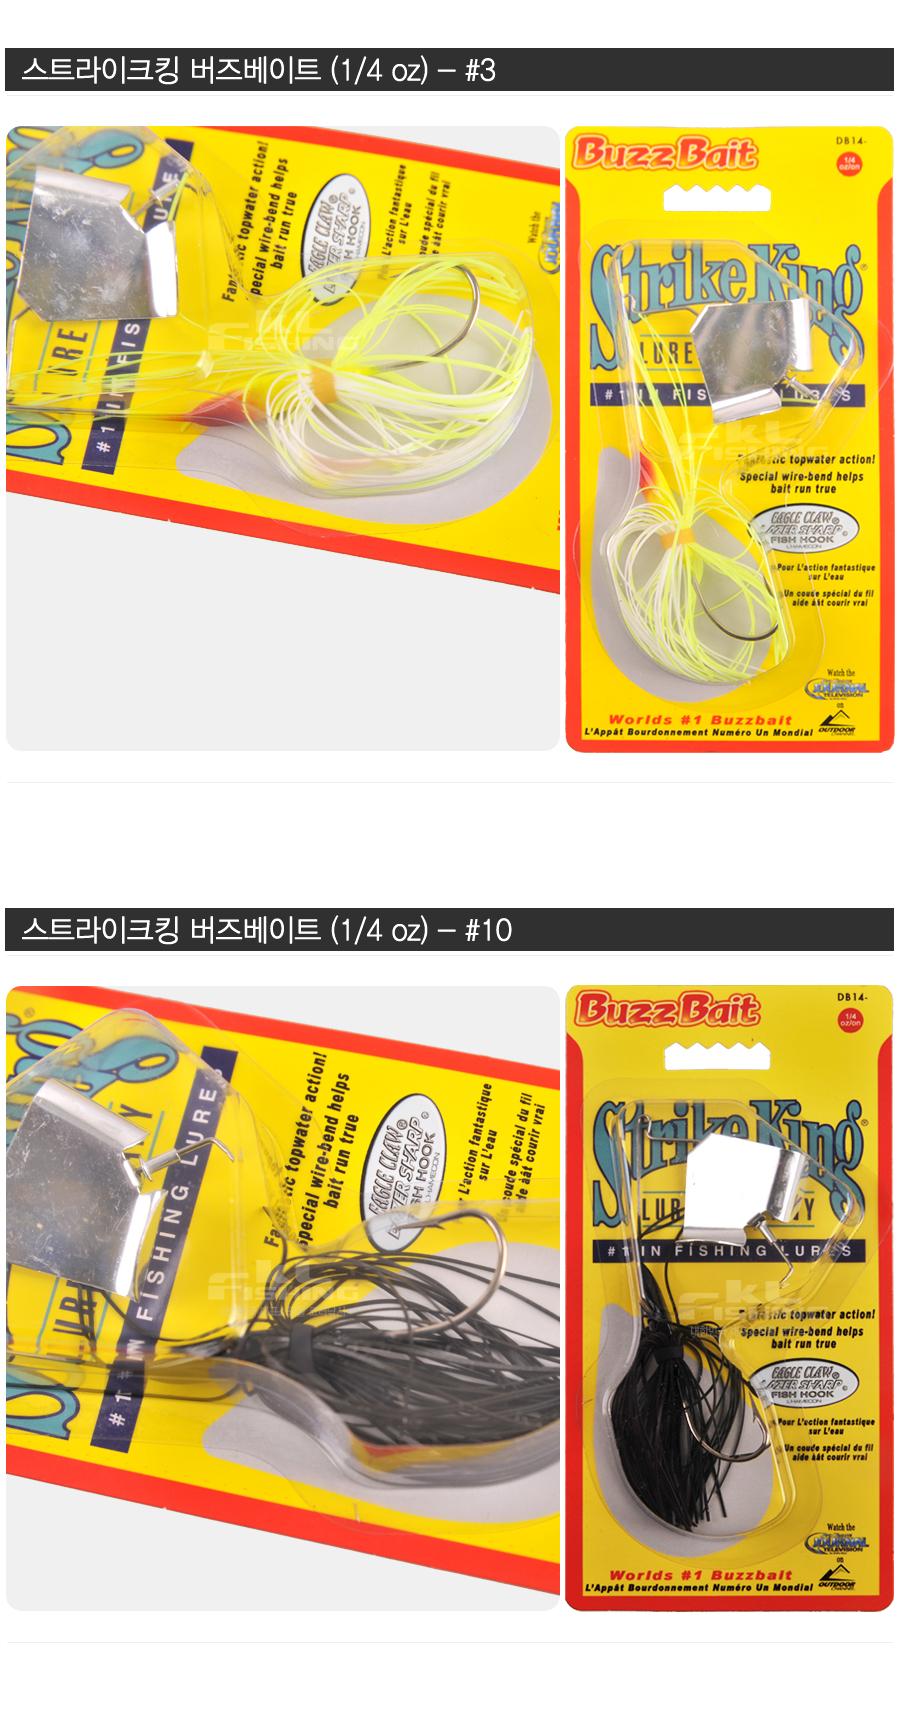 스트라이크킹 버즈베이트 (1/4 oz) 버즈배이트 buzzbait 1/4온스